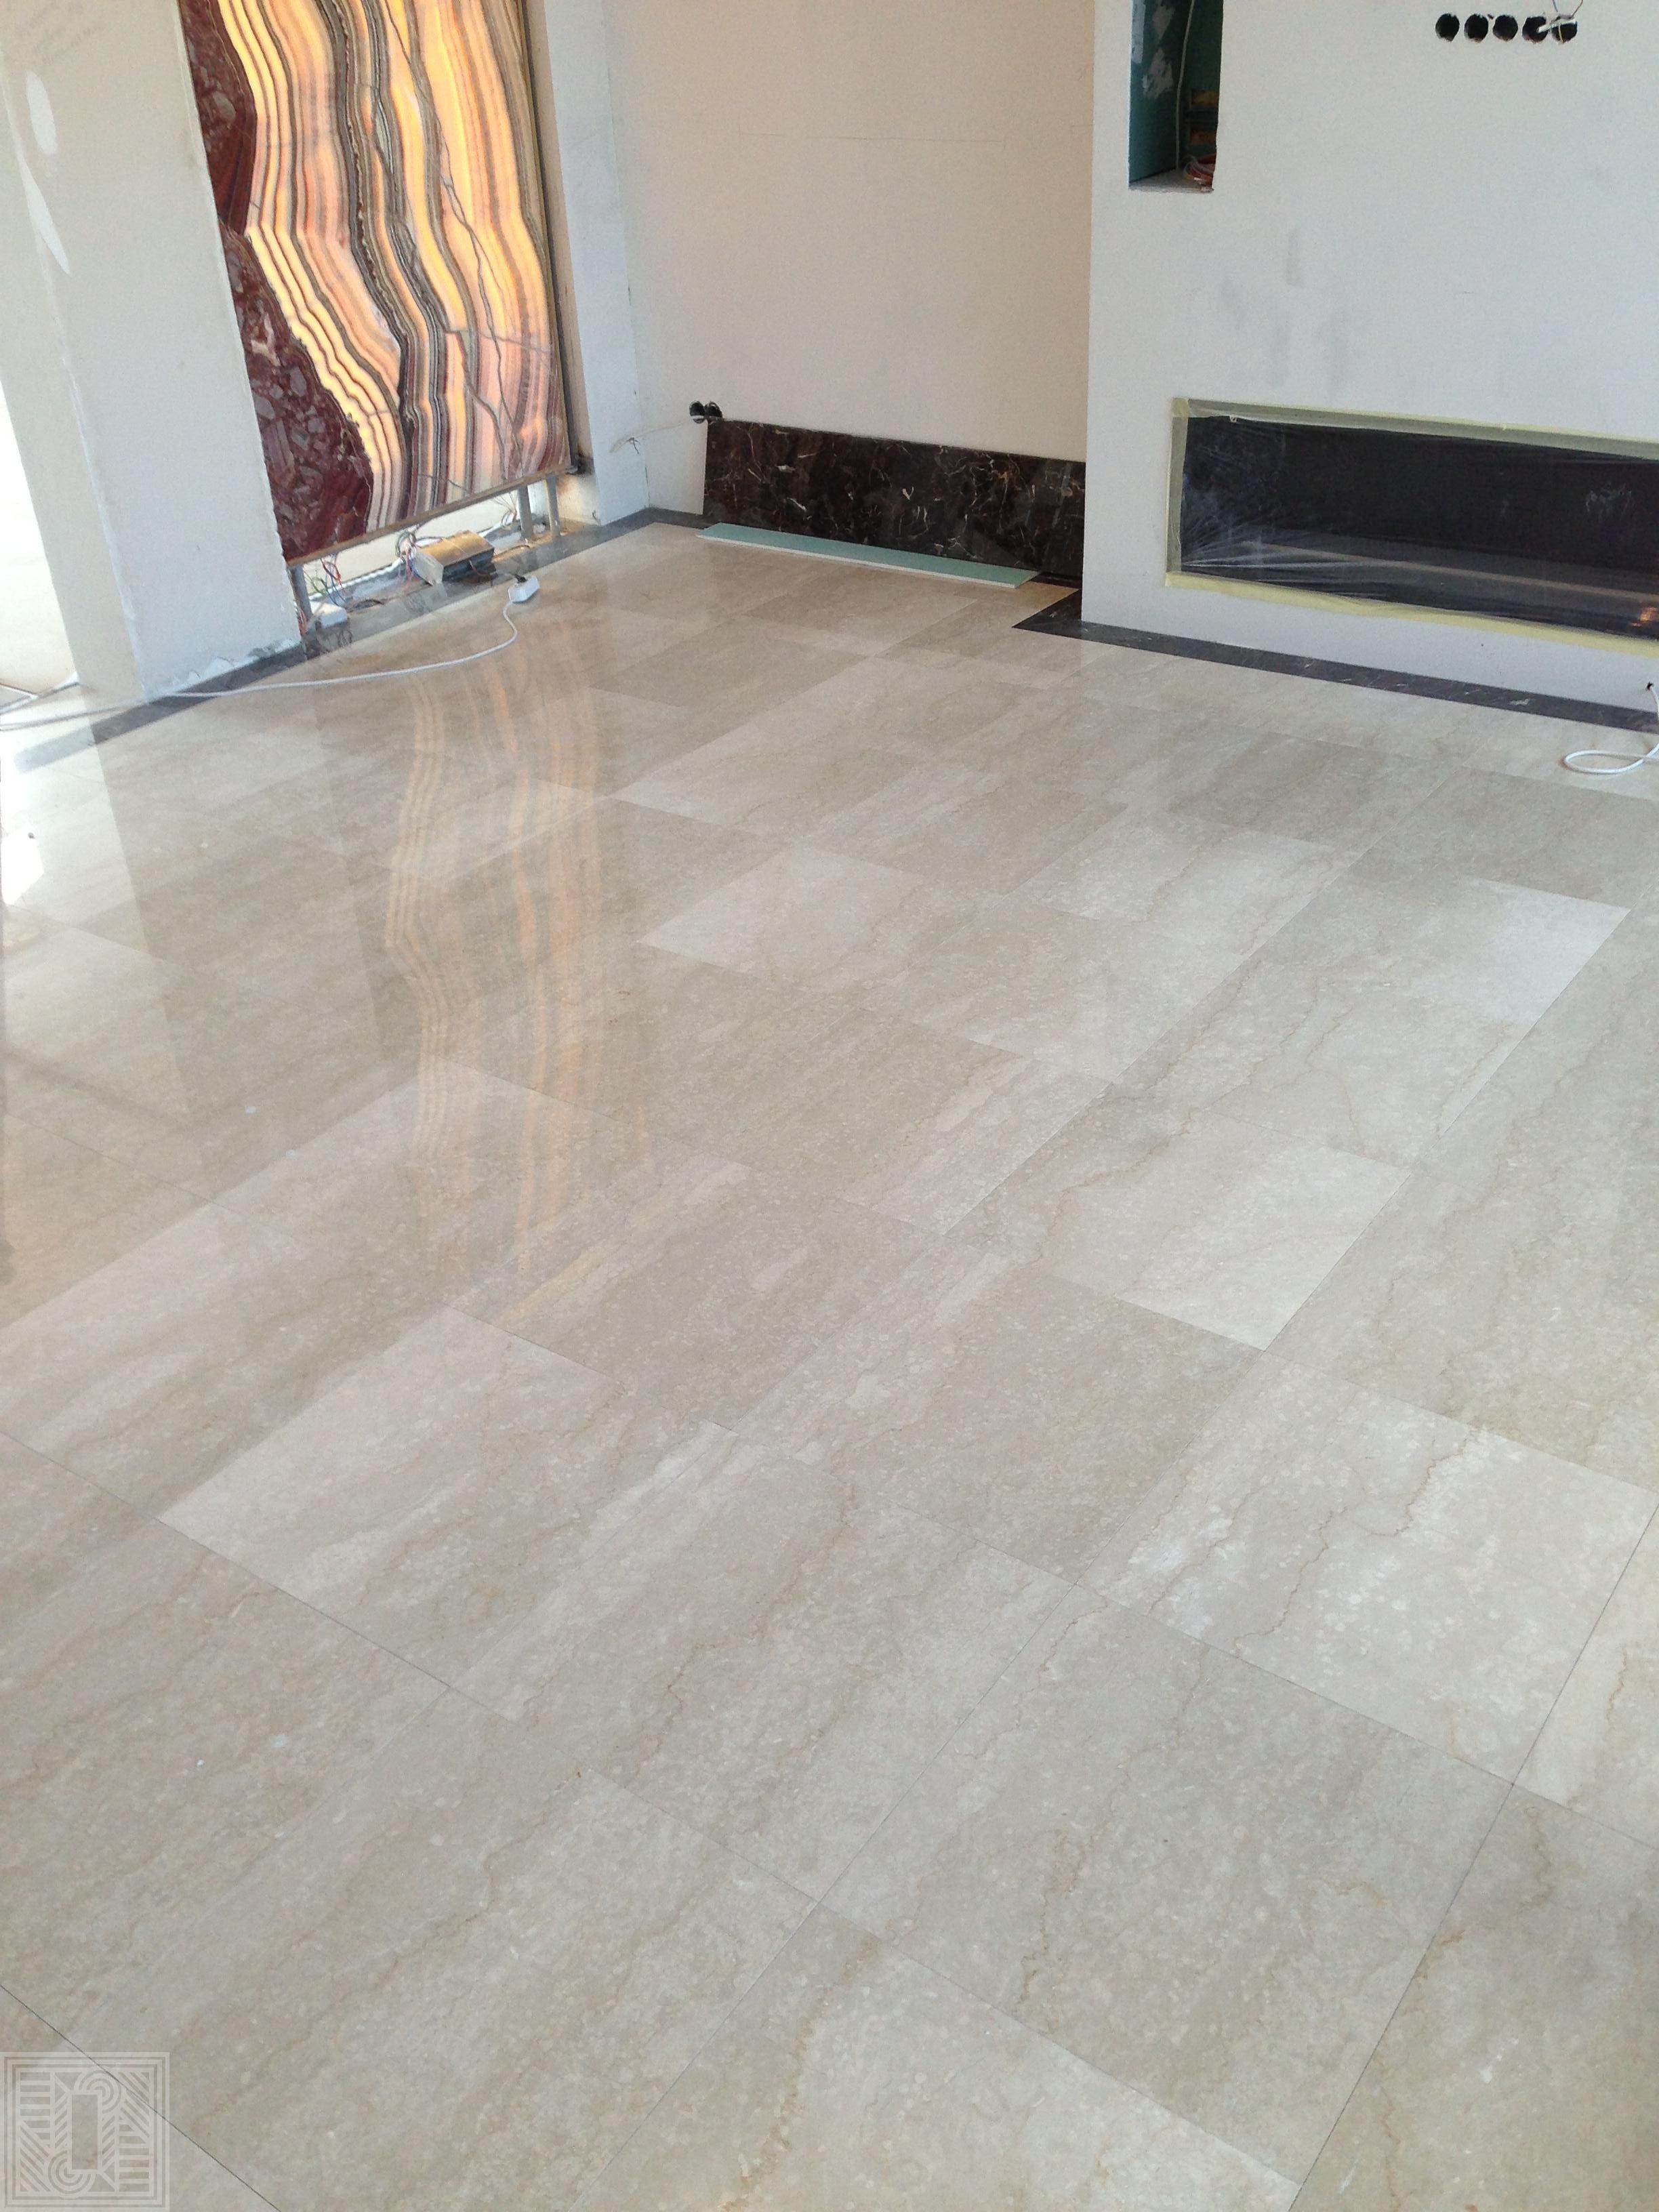 Пол из мраморной плитки Botticino Classico 600*300*20 tile-marble - Mramor Botticino Classico 60030020  e1541615211991